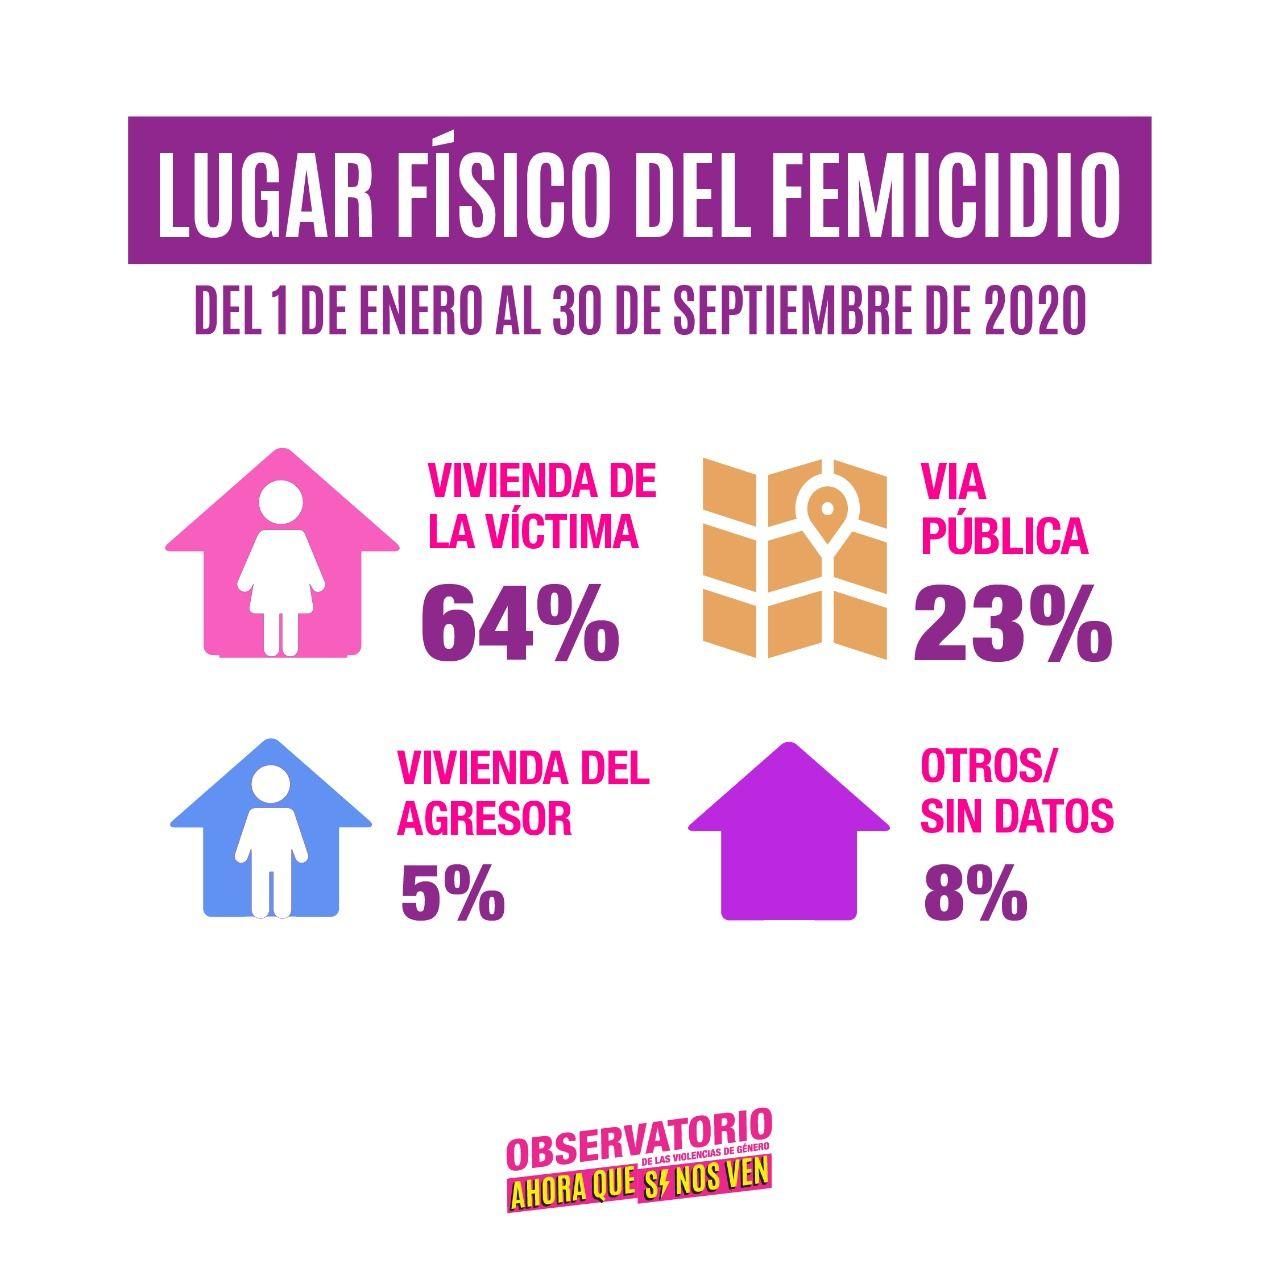 Lugar del femicidio:64% vivienda de la víctima, 23% vía pública, 5% vivienda del agresor y 8% otros